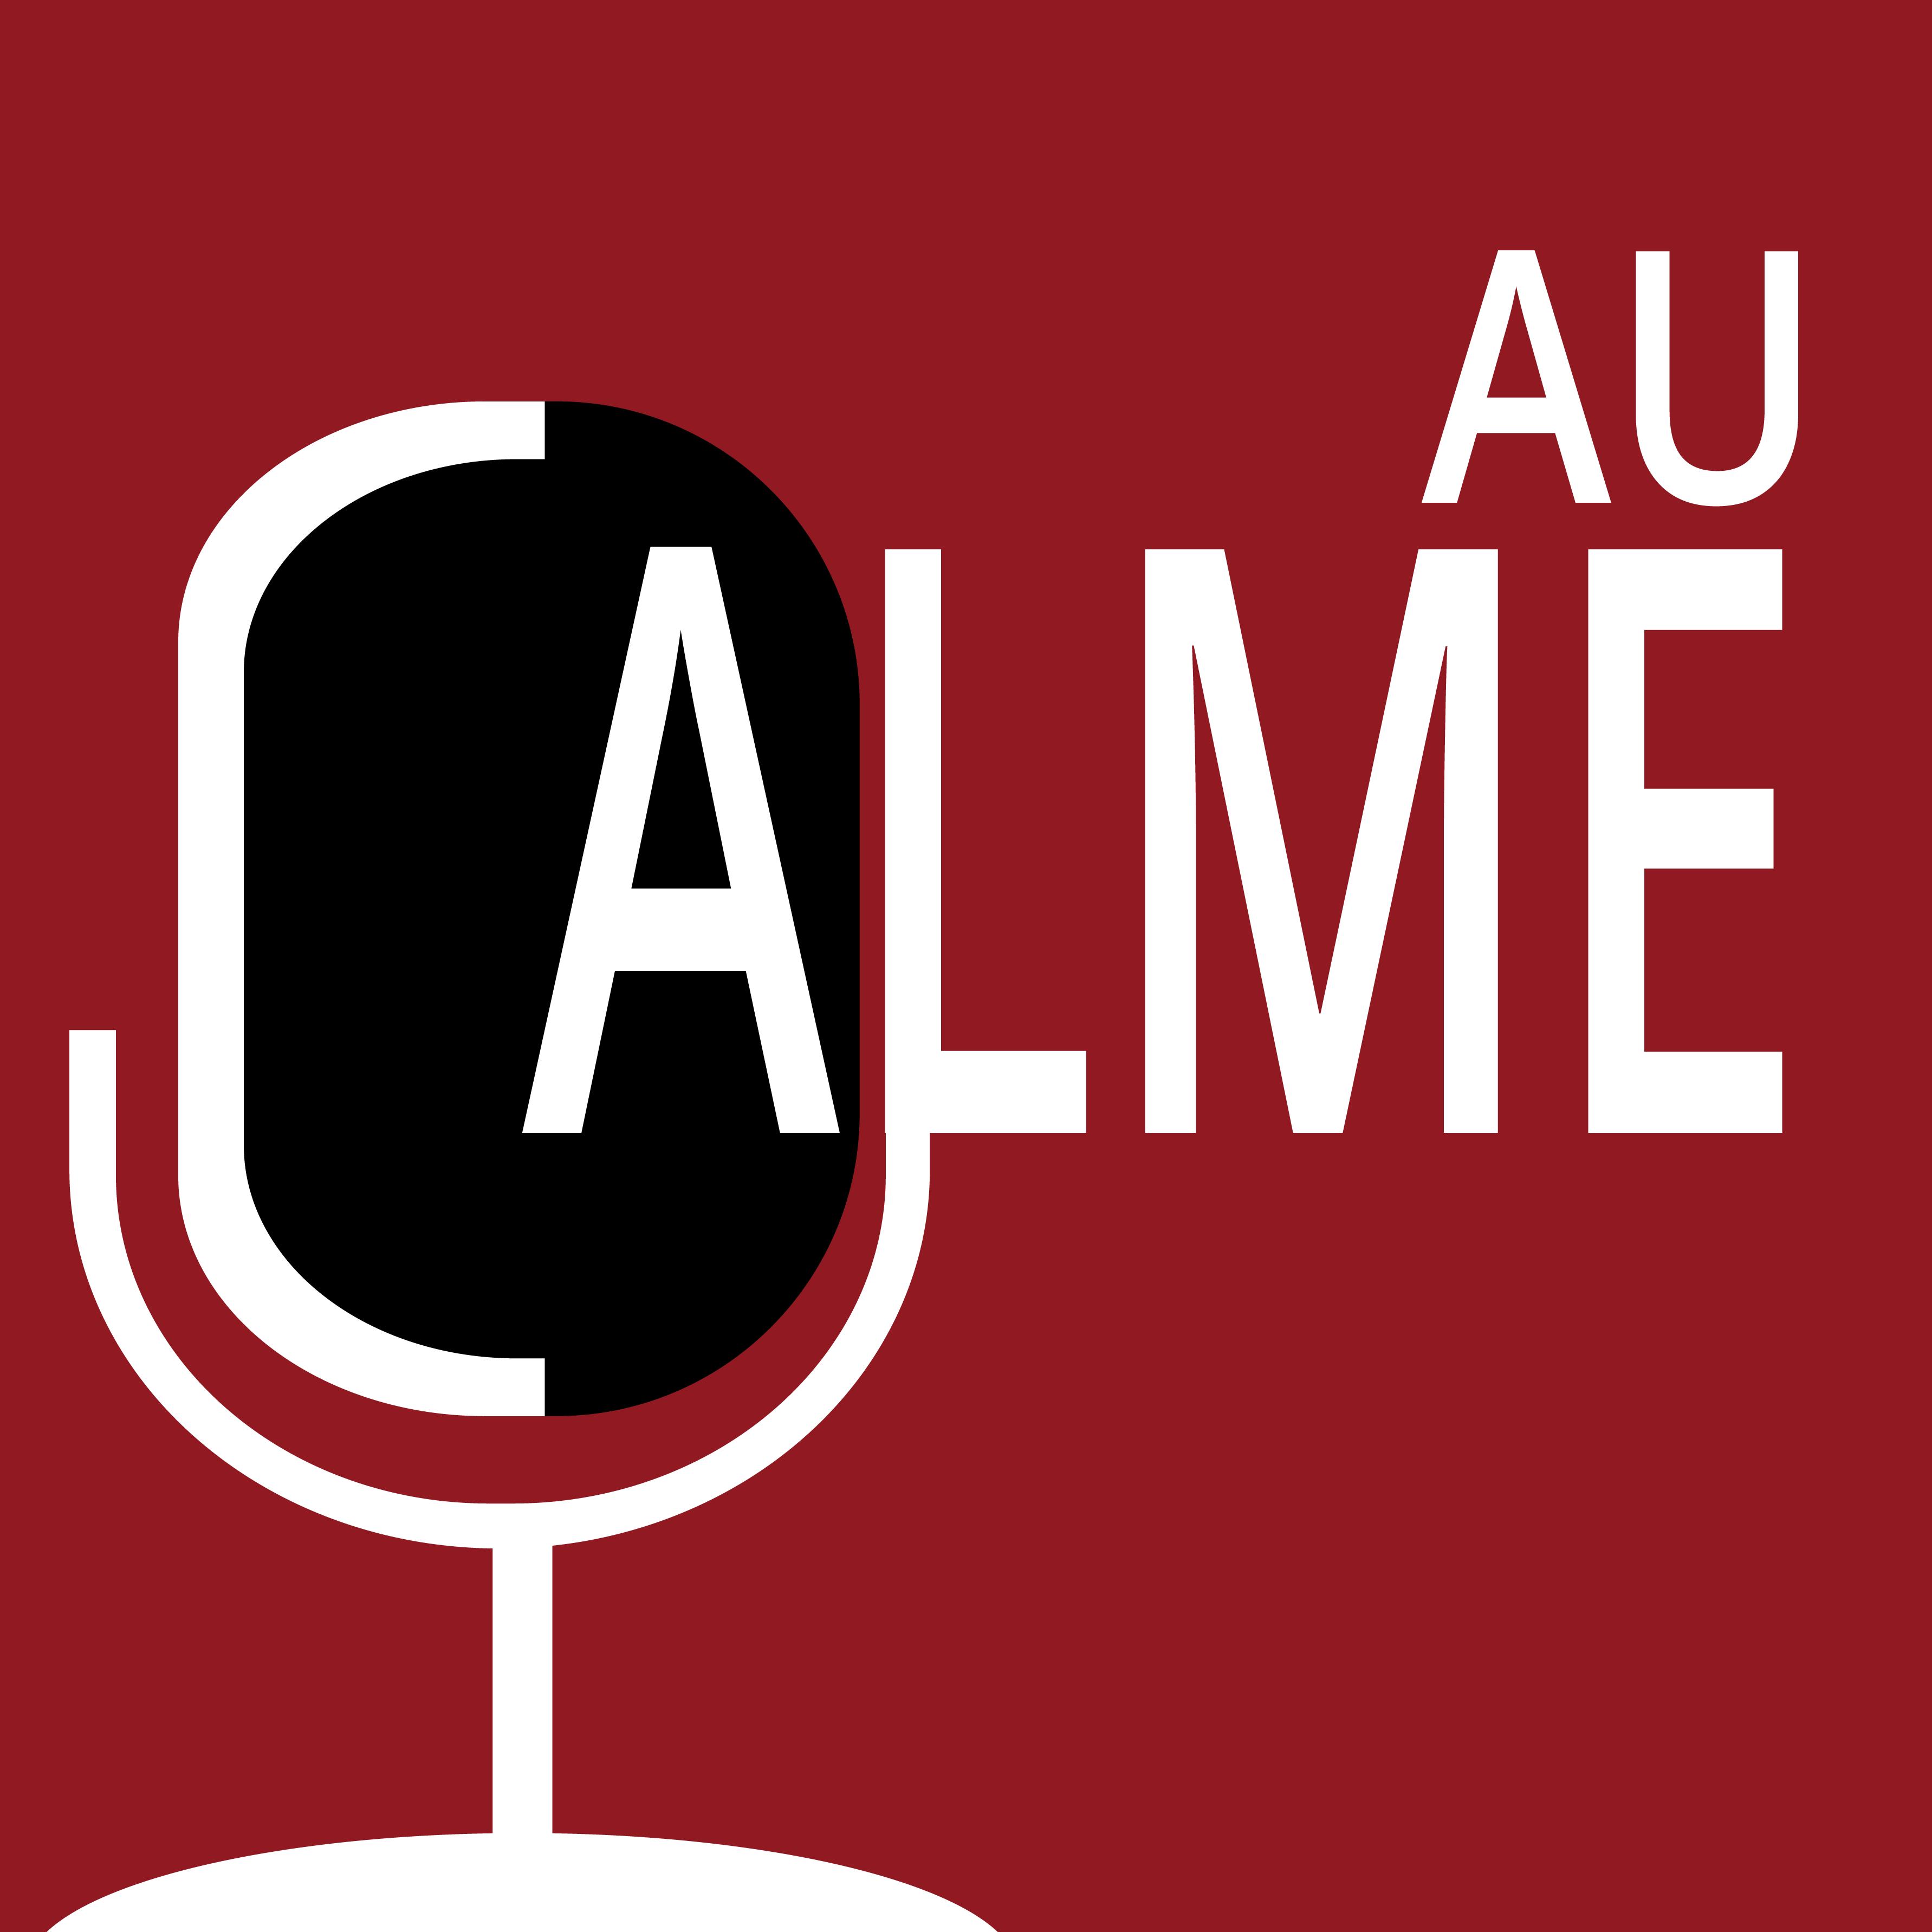 Les magistériens «Au Calme» – Episode 6 : Les nouveaux formats médiatiques avec Grégoire Cherubini